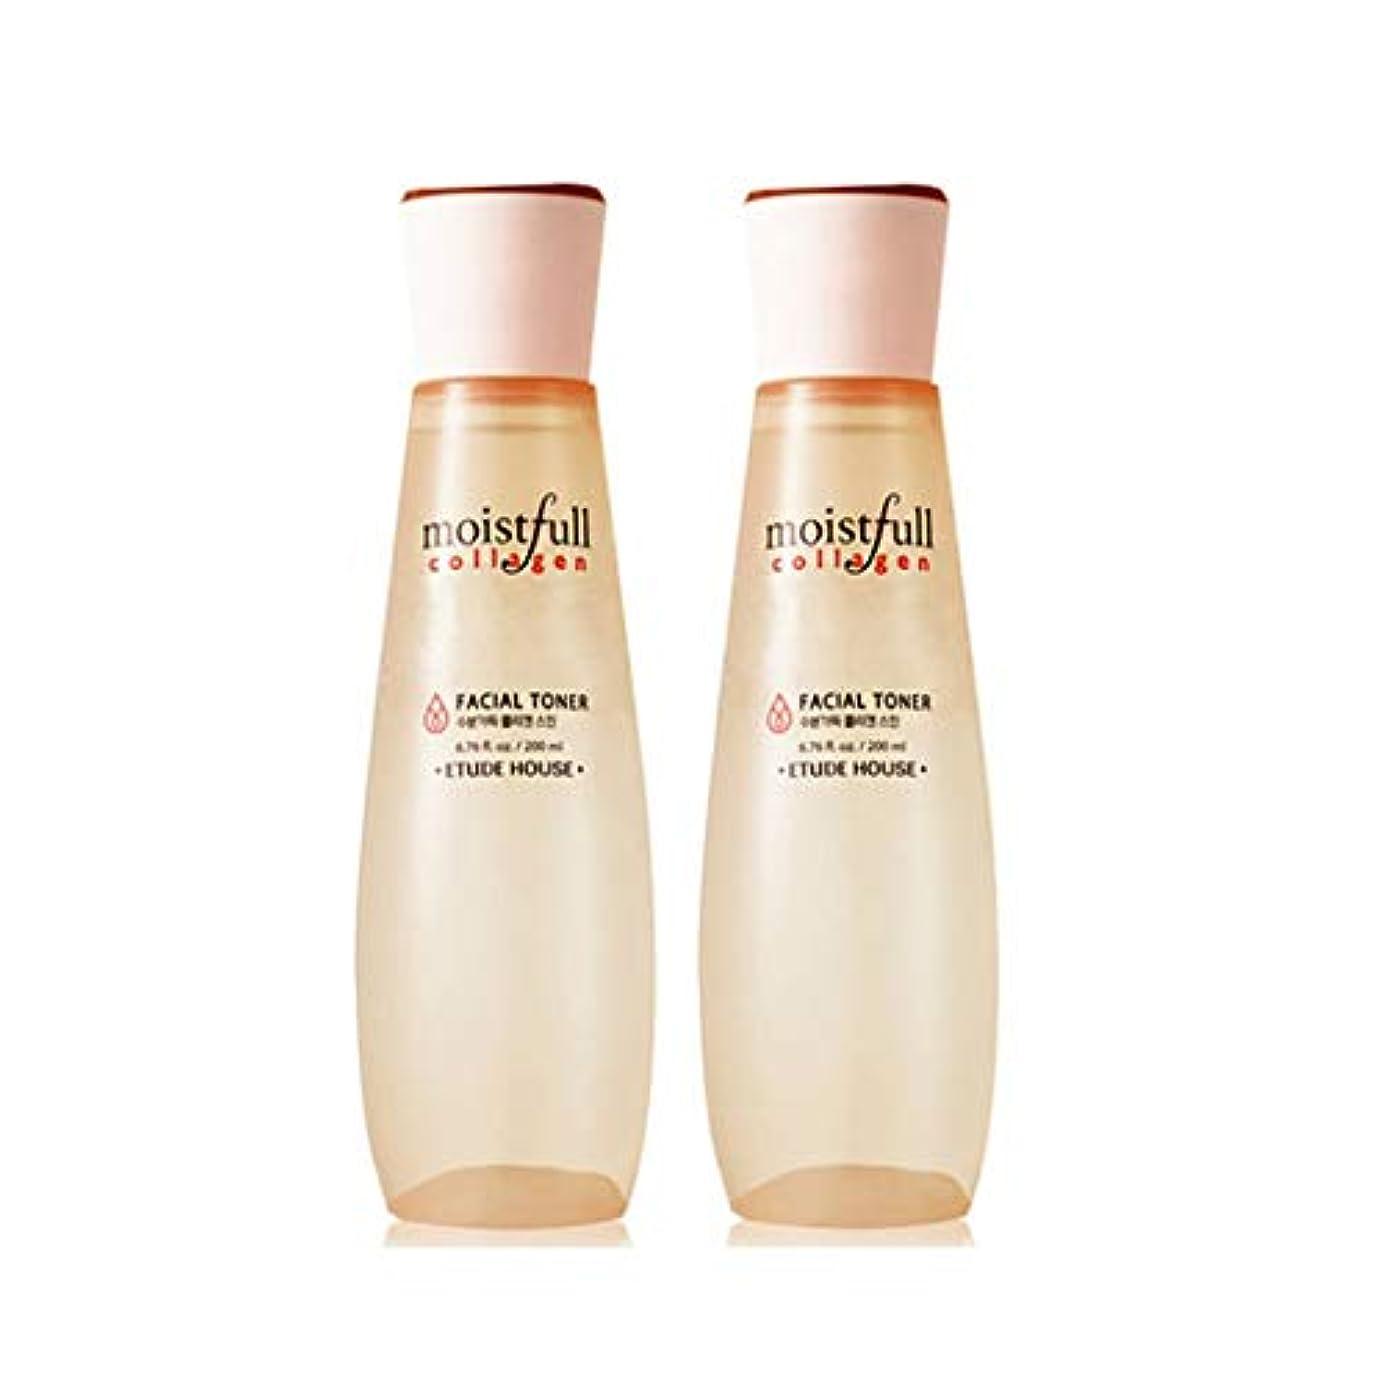 退化するキャップ粉砕するエチュードハウス水分いっぱいコラーゲンスキン200ml x 2本セット韓国コスメ、Etude House Moistfull Collagen Skin 200ml x 2ea Set Korean Cosmetics...